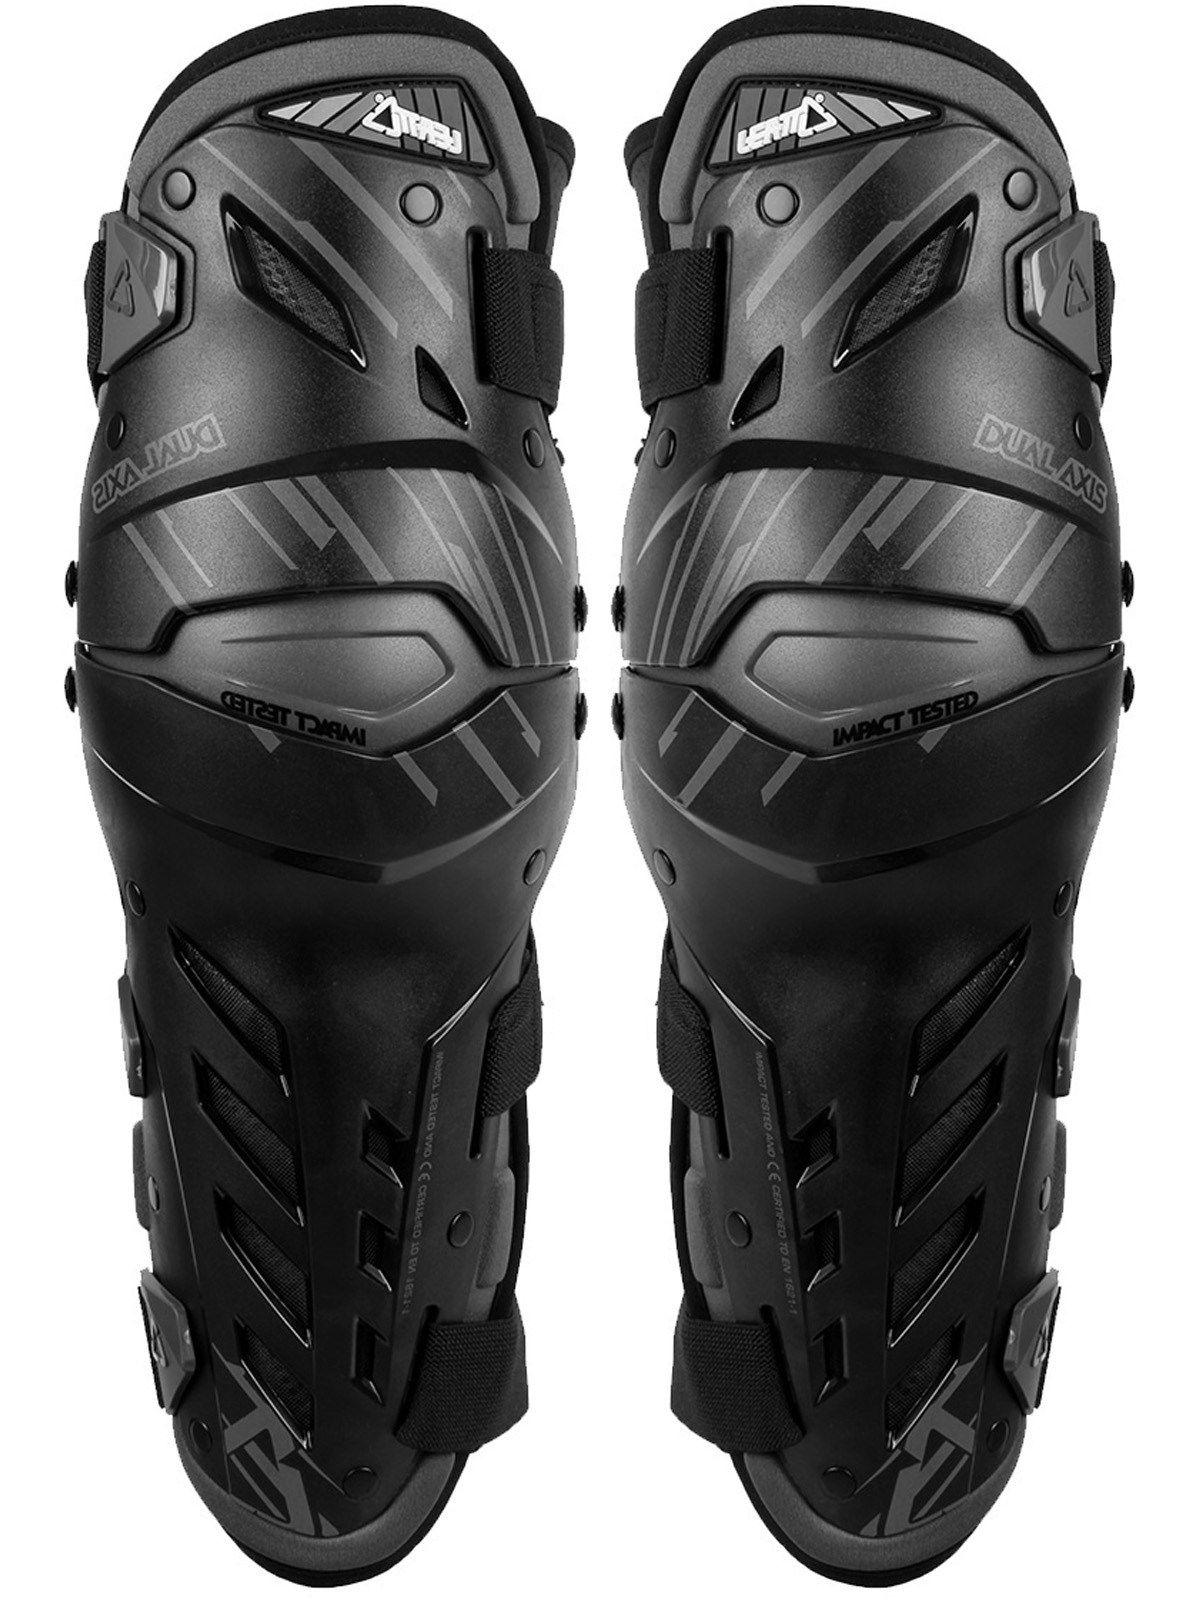 Leatt Black Dual Axis Pair of MX Knee Guard Leatt